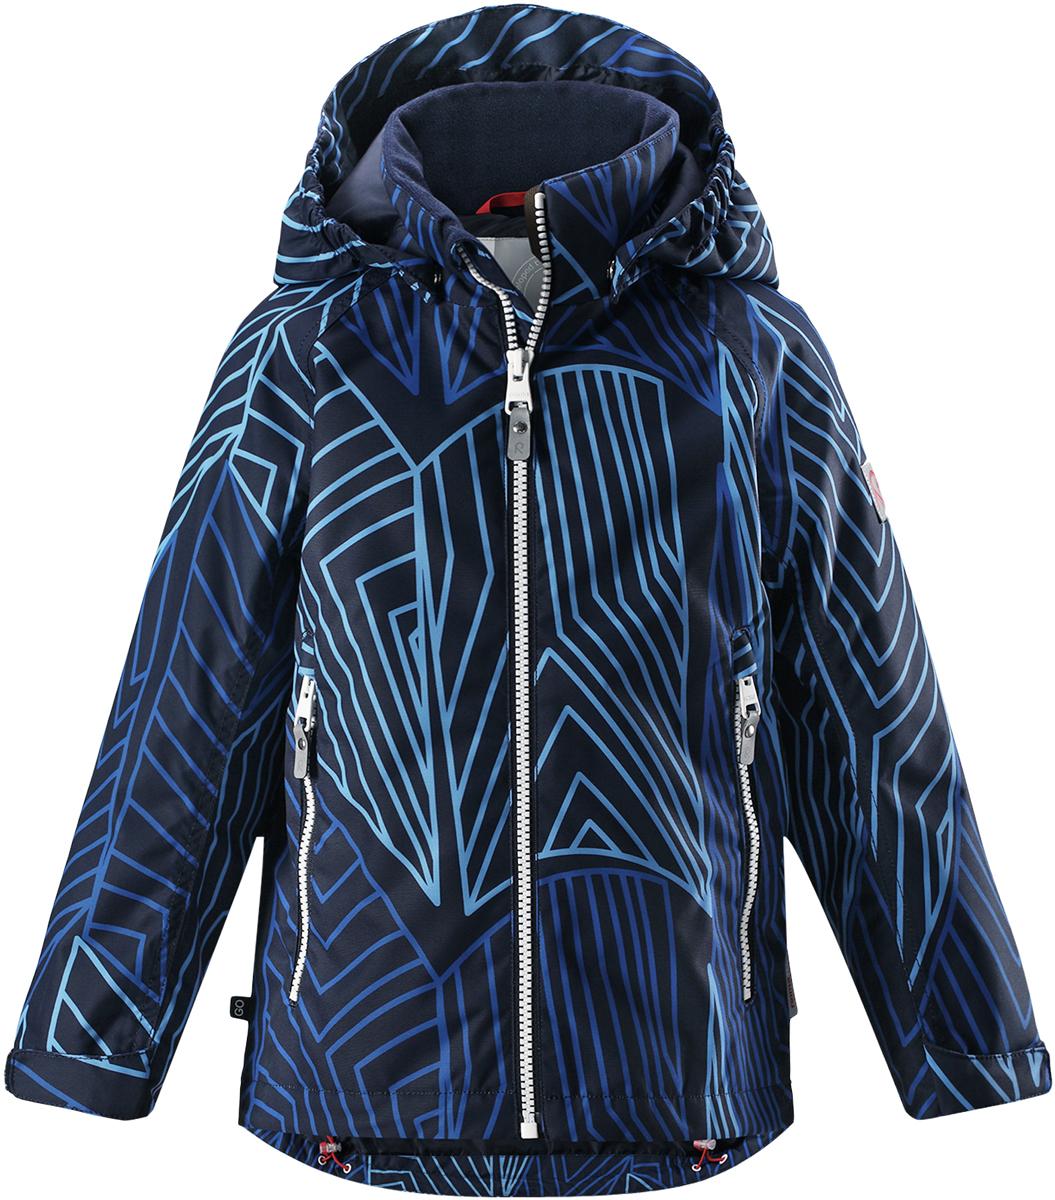 Куртка детская Reima, цвет: синий. 521526R6982. Размер 104521526R6982Детская куртка Reima выполнена из полиэстера с полиуретановым покрытием. Модель с воротником стойкой и съемным капюшоном застегивается на застежку-молнию. Капюшон пристегивается с помощью кнопок. Спереди расположены прорезные карманы на застежках-молниях. Низы рукавов дополнены хлястиками на липучках.